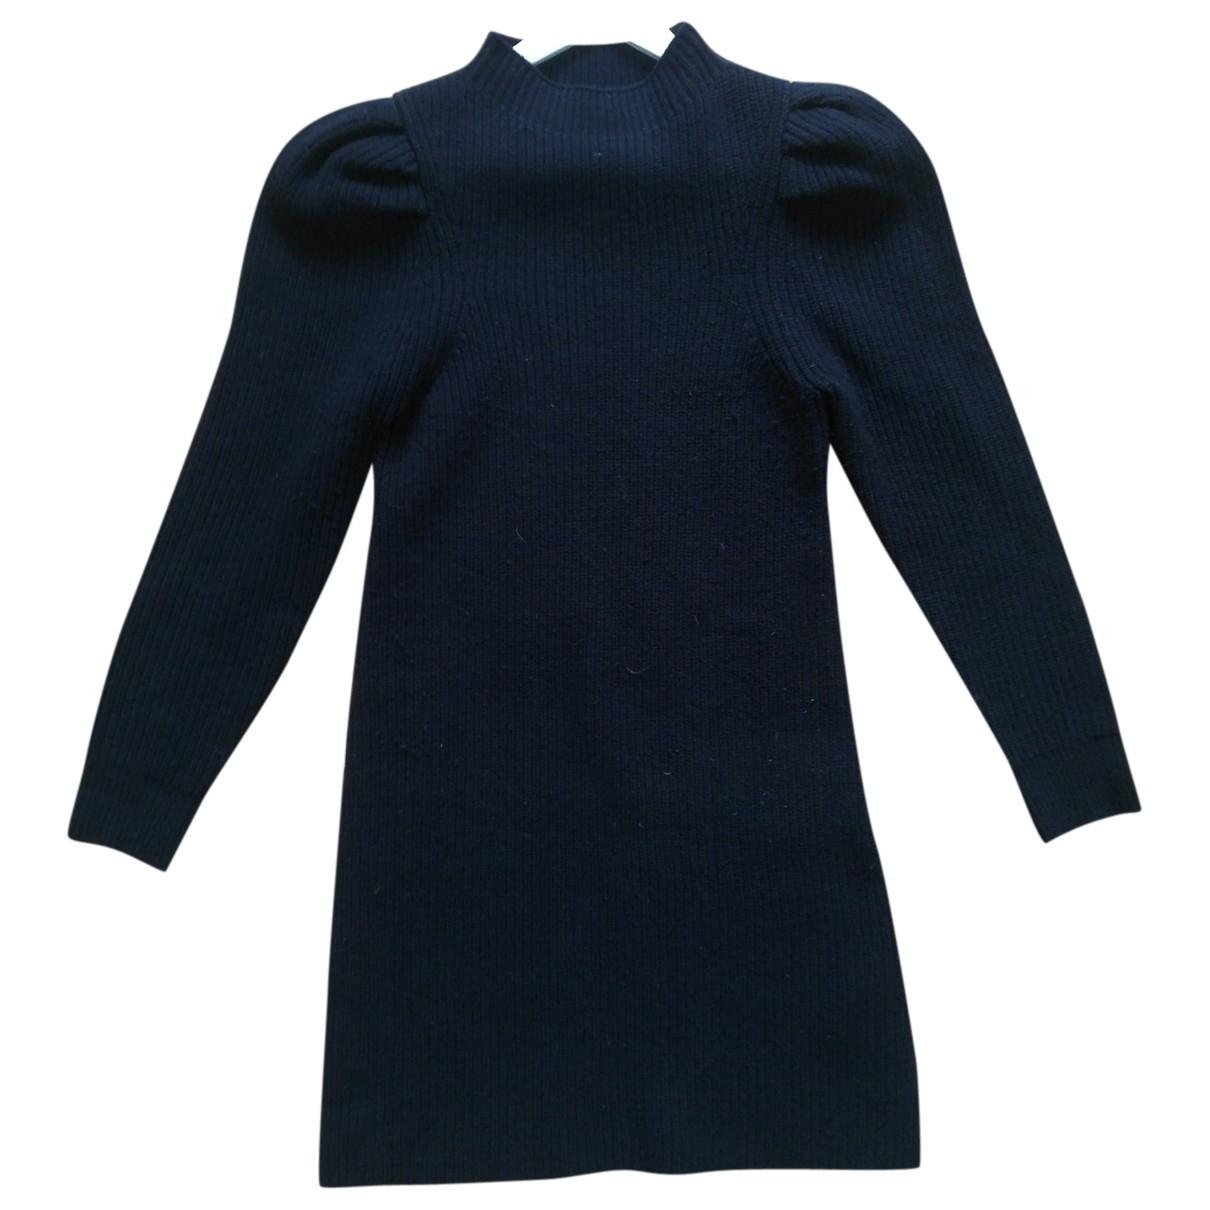 Sandro \N Black Wool dress for Women 36 FR